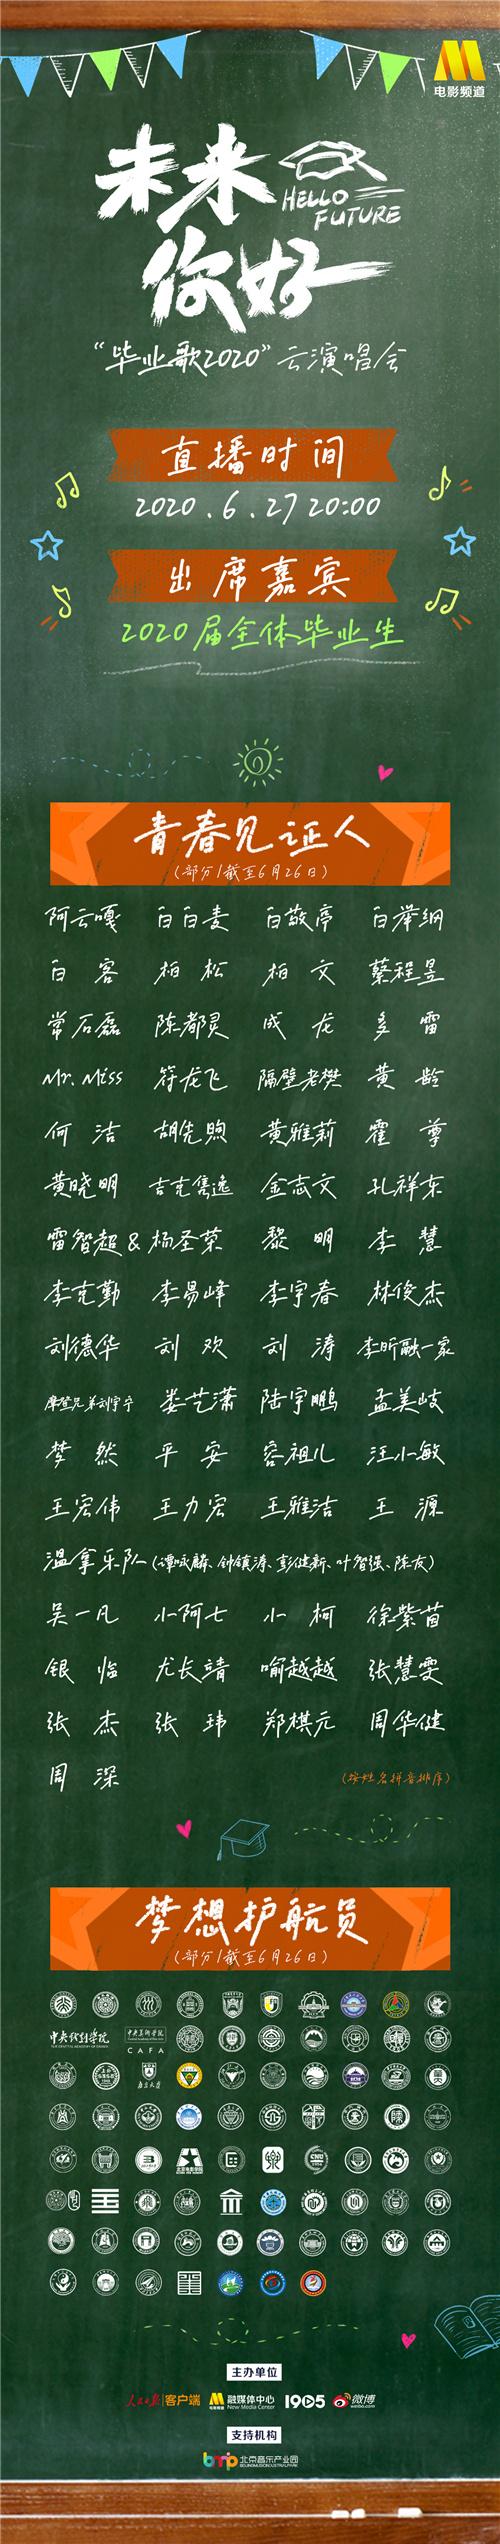 欧博官网:结业歌2020云演唱会5小时直播 成龙王源歌咏青春 第2张